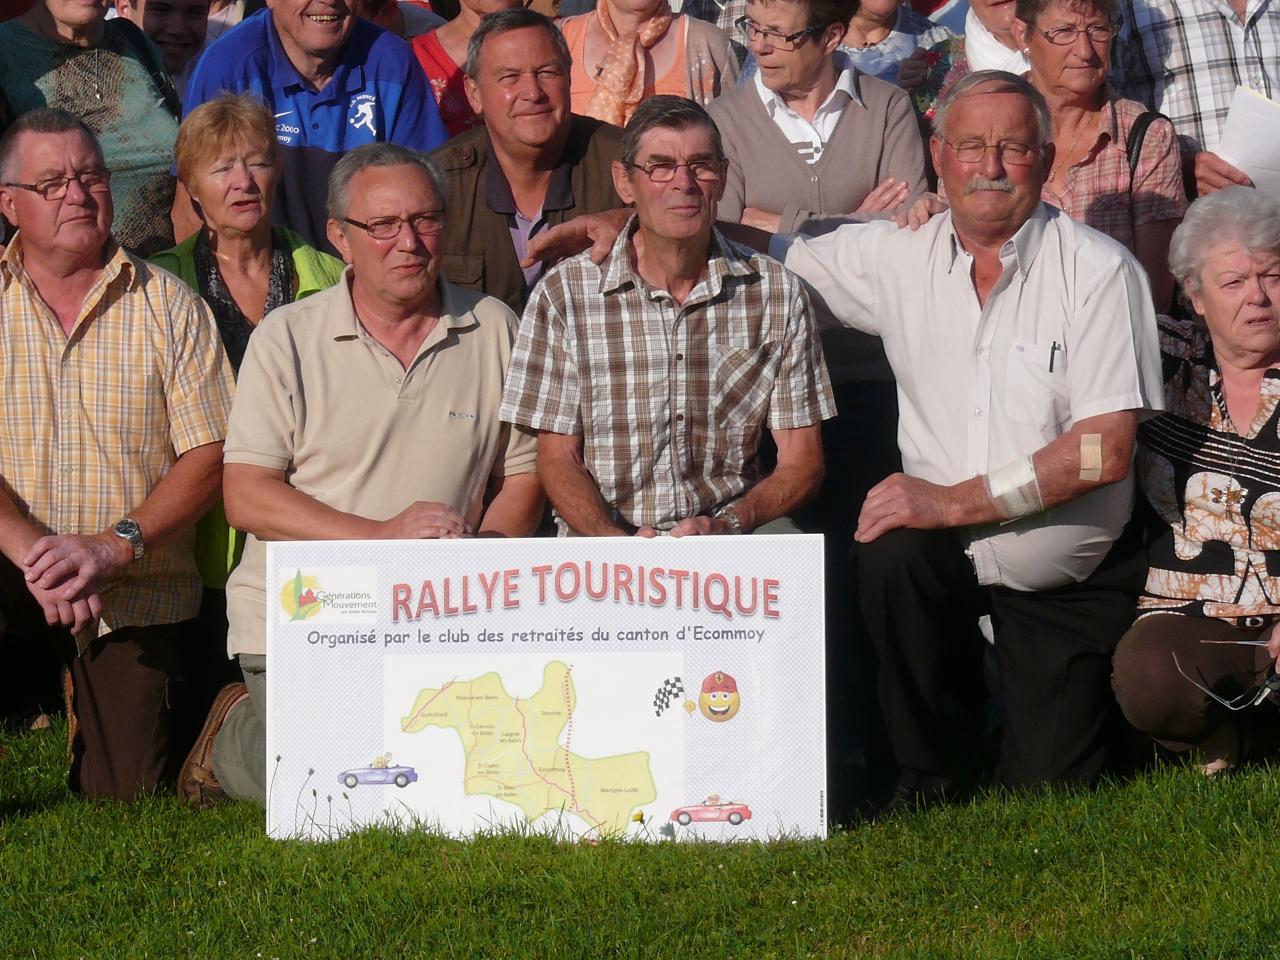 1er rallye touristique retraités canton d'ECOMMOY - 20 juin 2014